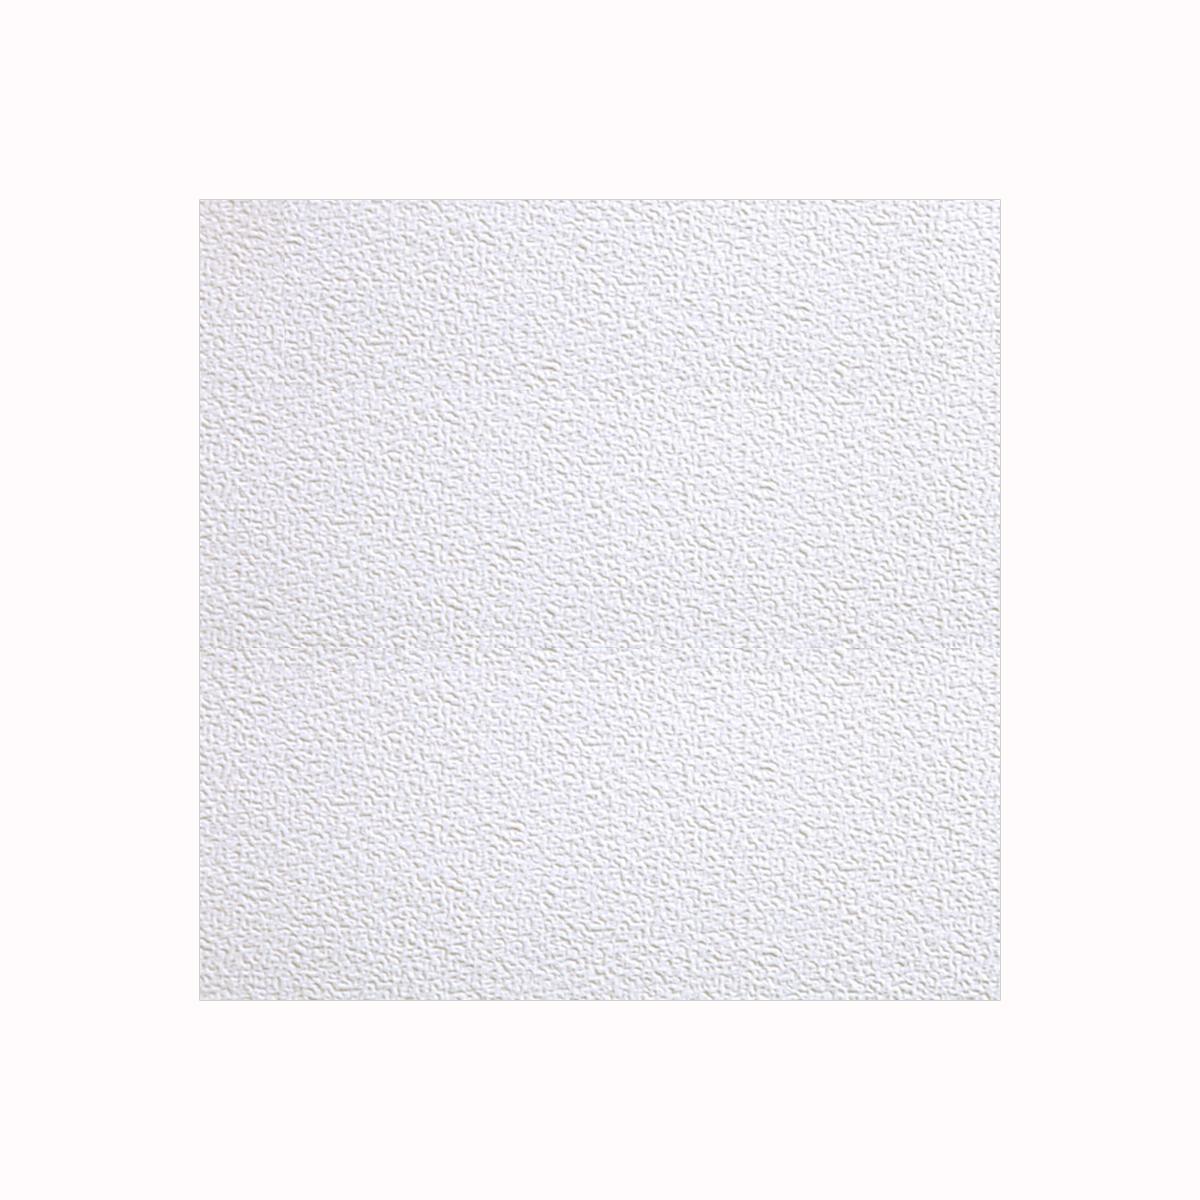 Бумага фактурная Лоза Яичная скорлупа, цвет: белый, 3 листаNLED-454-9W-BKФактурная бумага для скрапбукинга Лоза Яичная скорлупа позволит создать красивый альбом, фоторамку или открытку ручной работы, оформить подарок или аппликацию. Набор включает в себя 3 листа из плотной бумаги.Скрапбукинг - это хобби, которое способно приносить массу приятных эмоций не только человеку, который этим занимается, но и его близким, друзьям, родным. Это невероятно увлекательное занятие, которое поможет вам сохранить наиболее памятные и яркие моменты вашей жизни, а также интересно оформить интерьер дома.